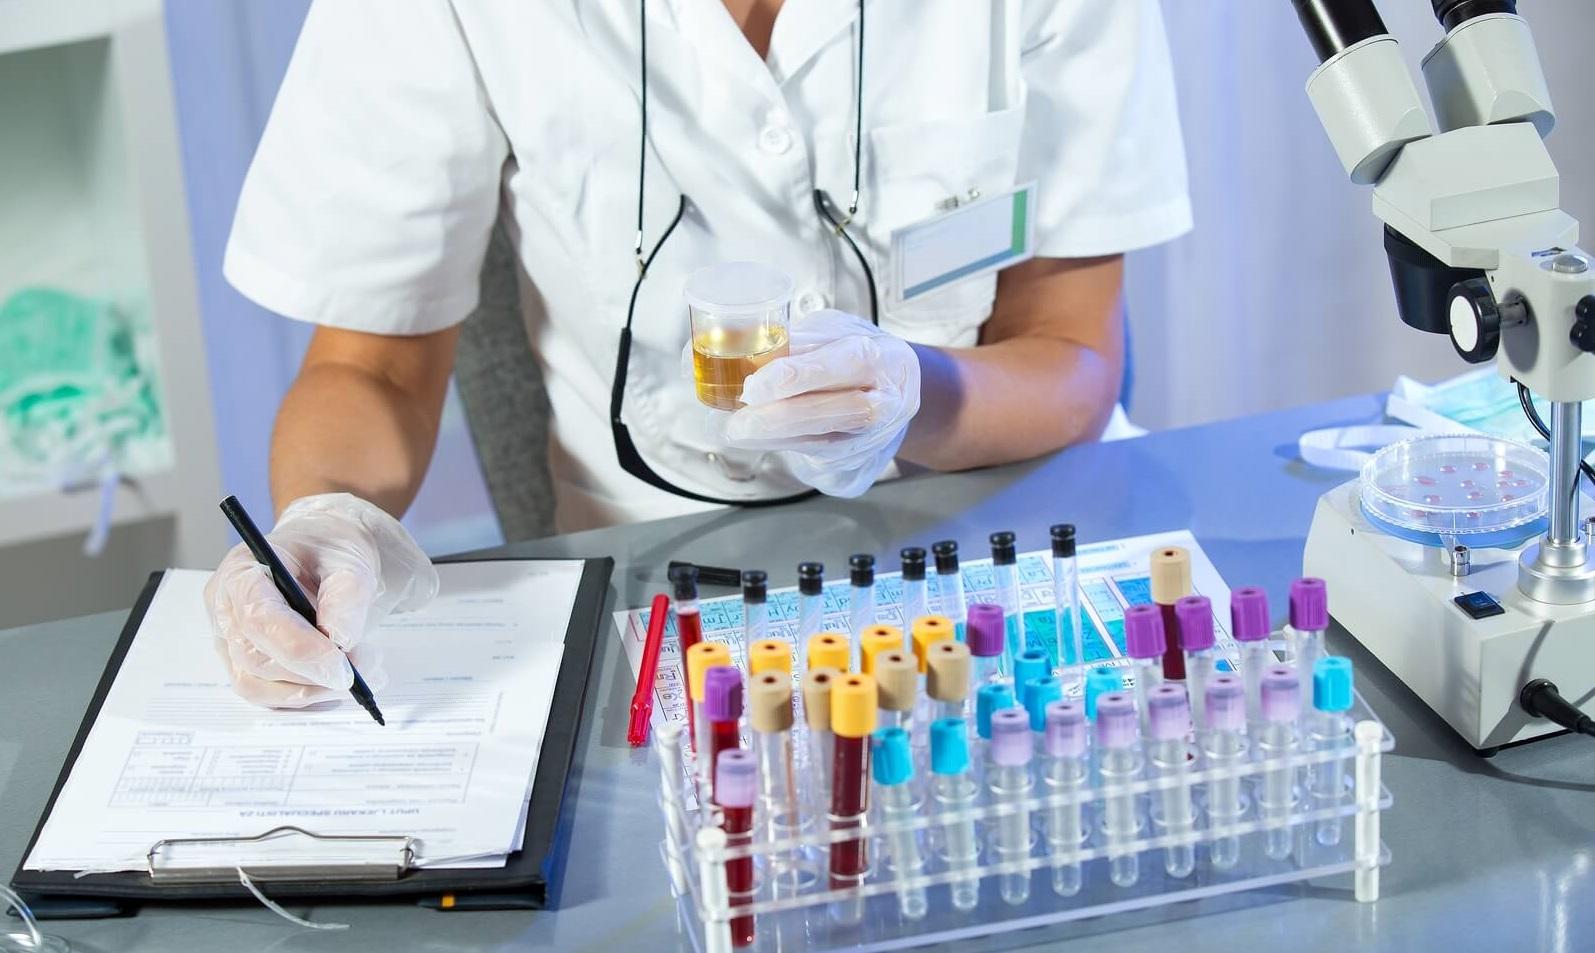 Не тратьте на это деньги: Врач-терапевт назвала 8 ненужных медицинских анализов